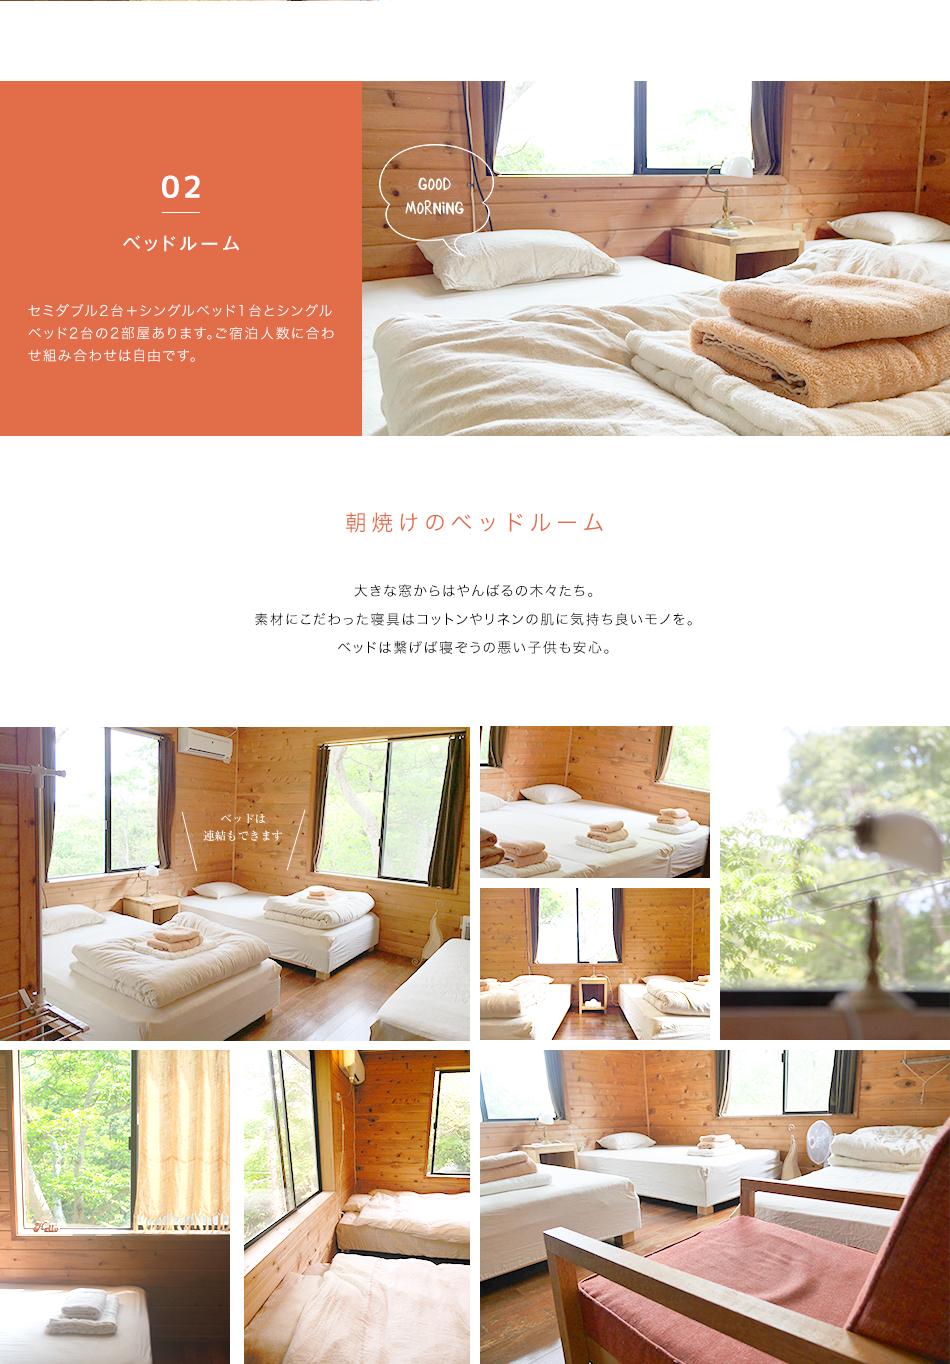 部屋と料金[02]ベッドルーム